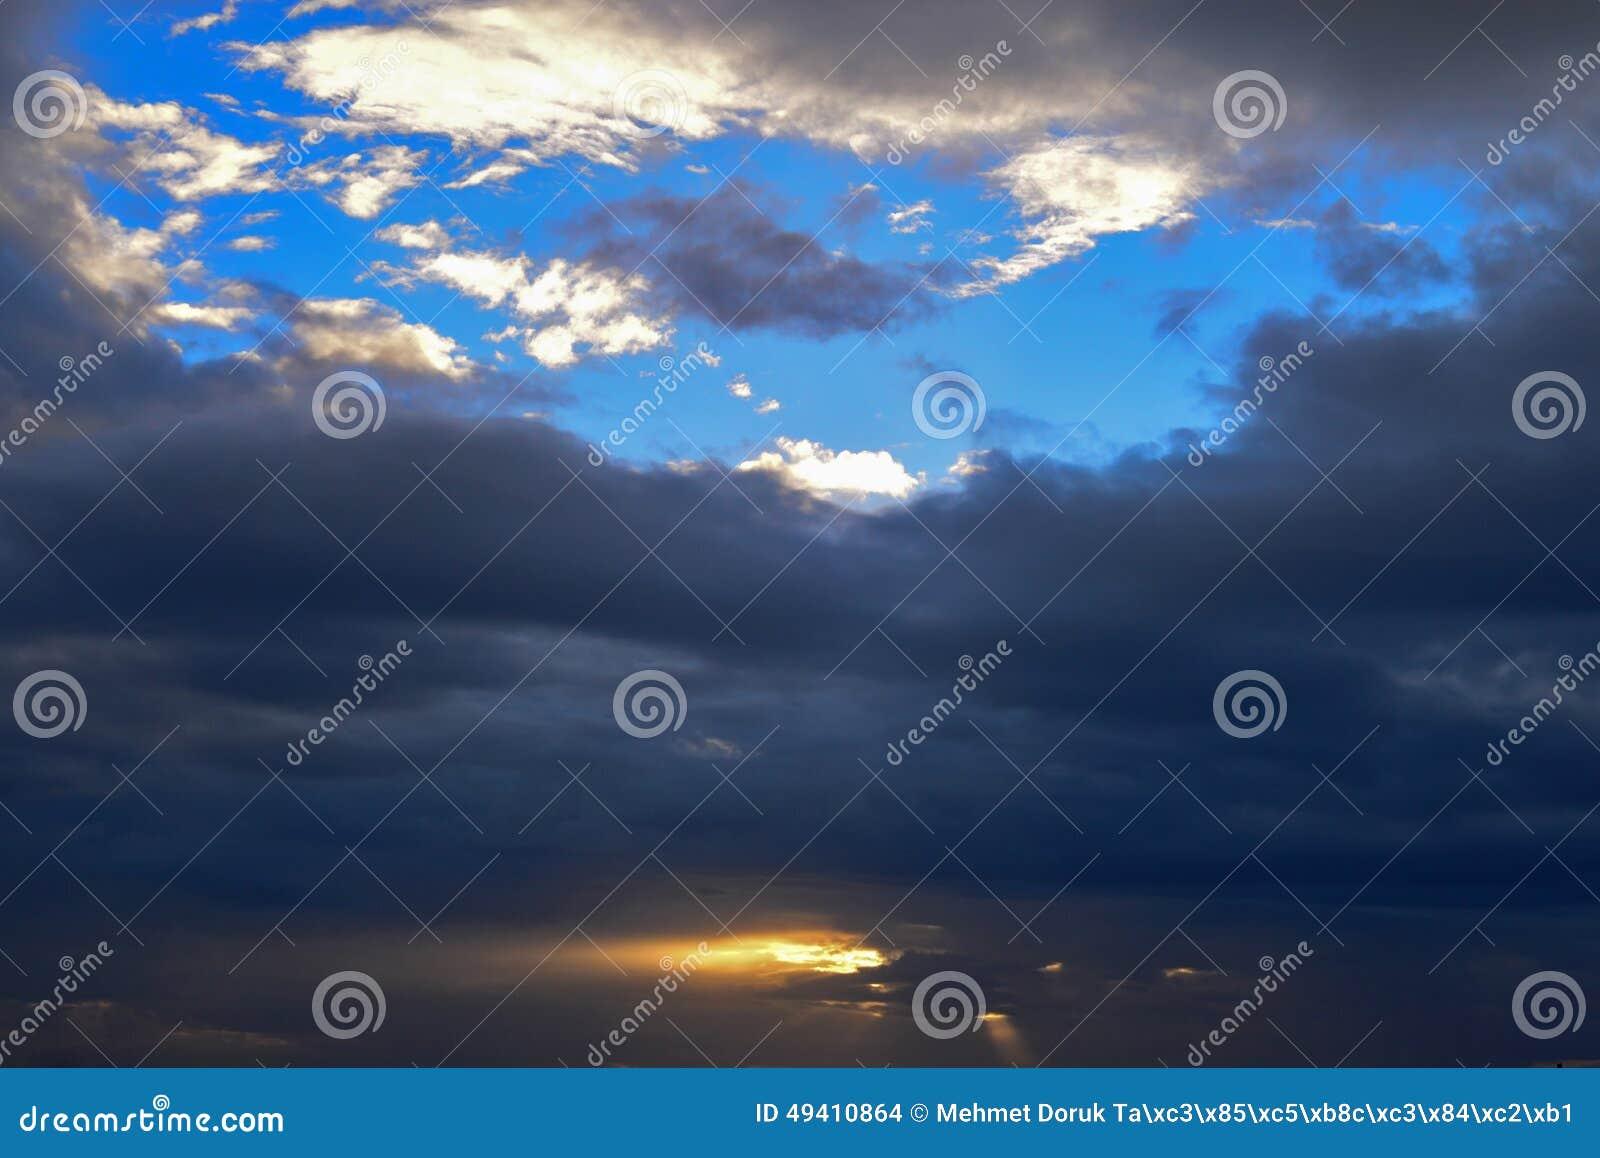 Download Cloudscape Mit Dunklen Wolken Stockfoto - Bild von cloudscape, phantasie: 49410864